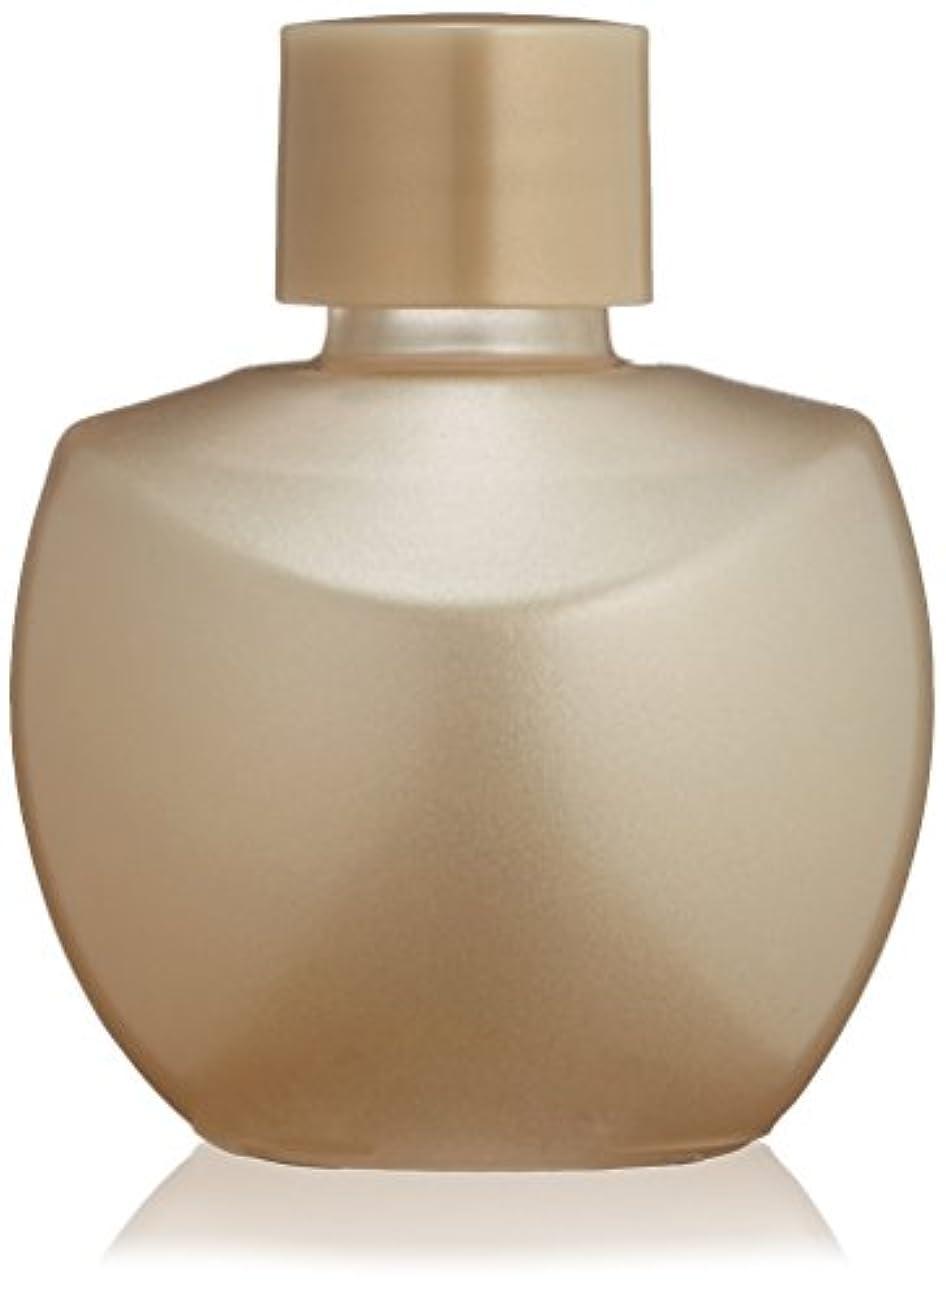 アデレードグレートオークフェッチエリクシール シュペリエル エンリッチドセラム CB 美容液 (つけかえ専用ボトル) 35mL